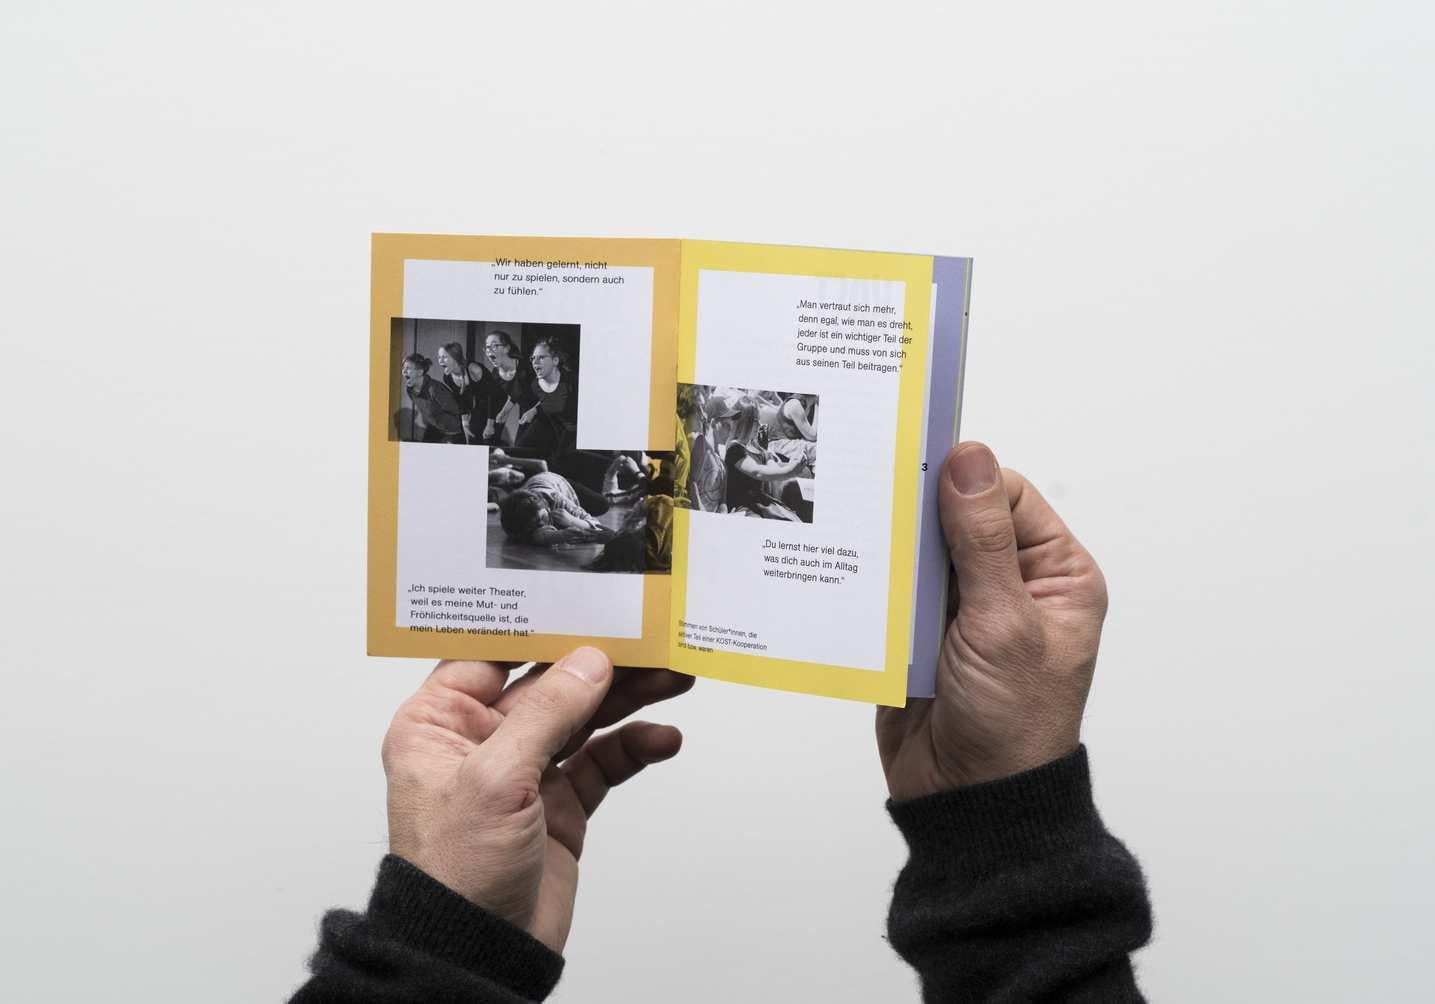 kost-tiny-brochure-3-1435x1004px